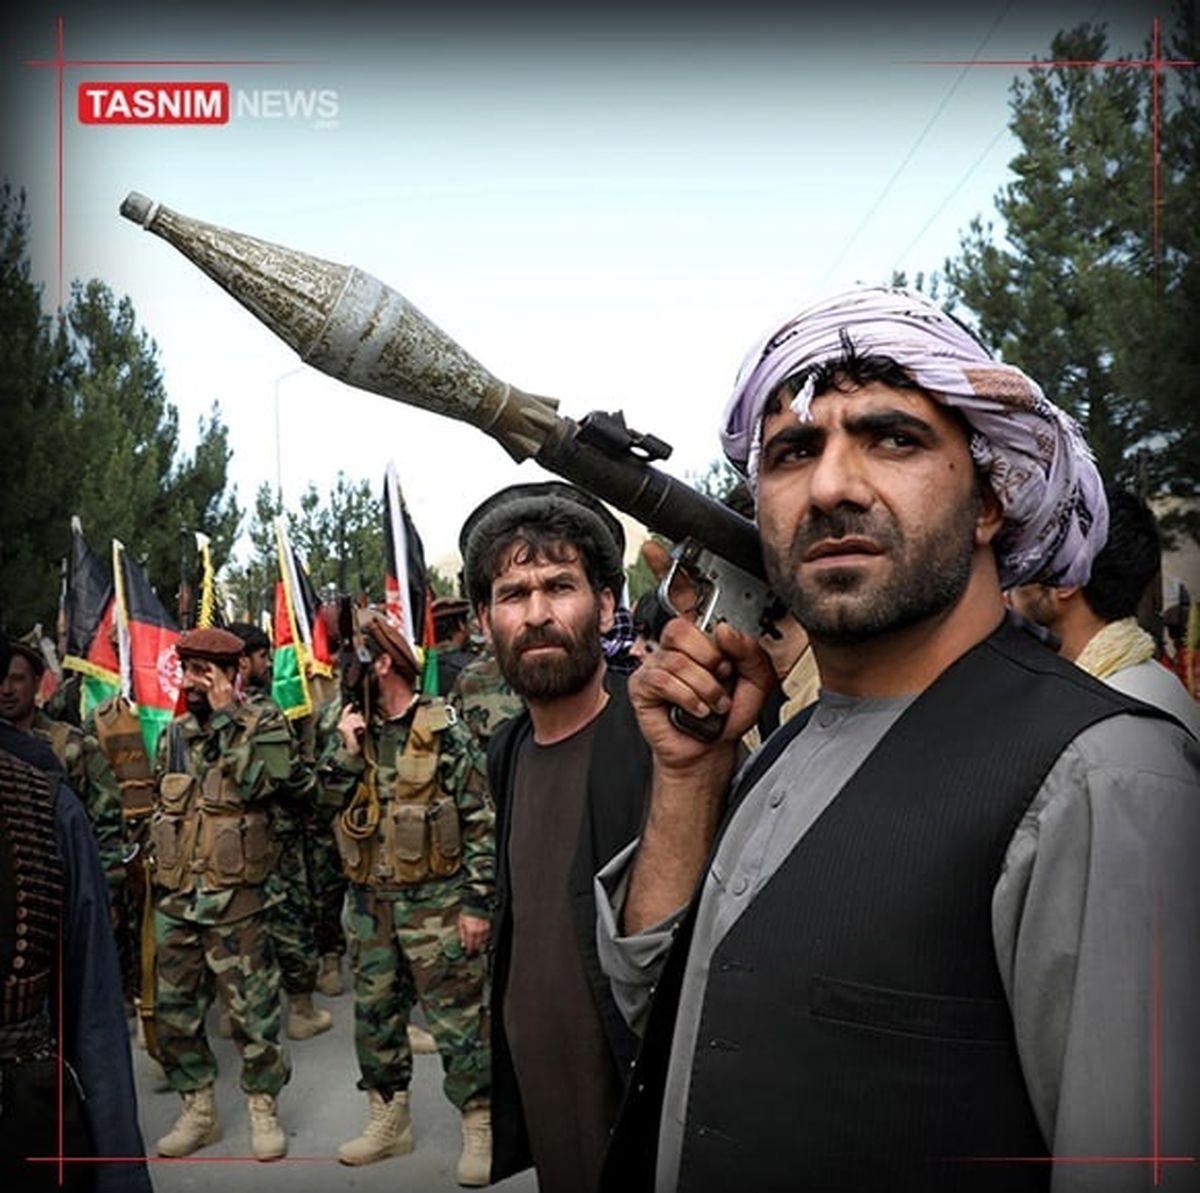 طالبان پنجشیر را هم گرفت؟